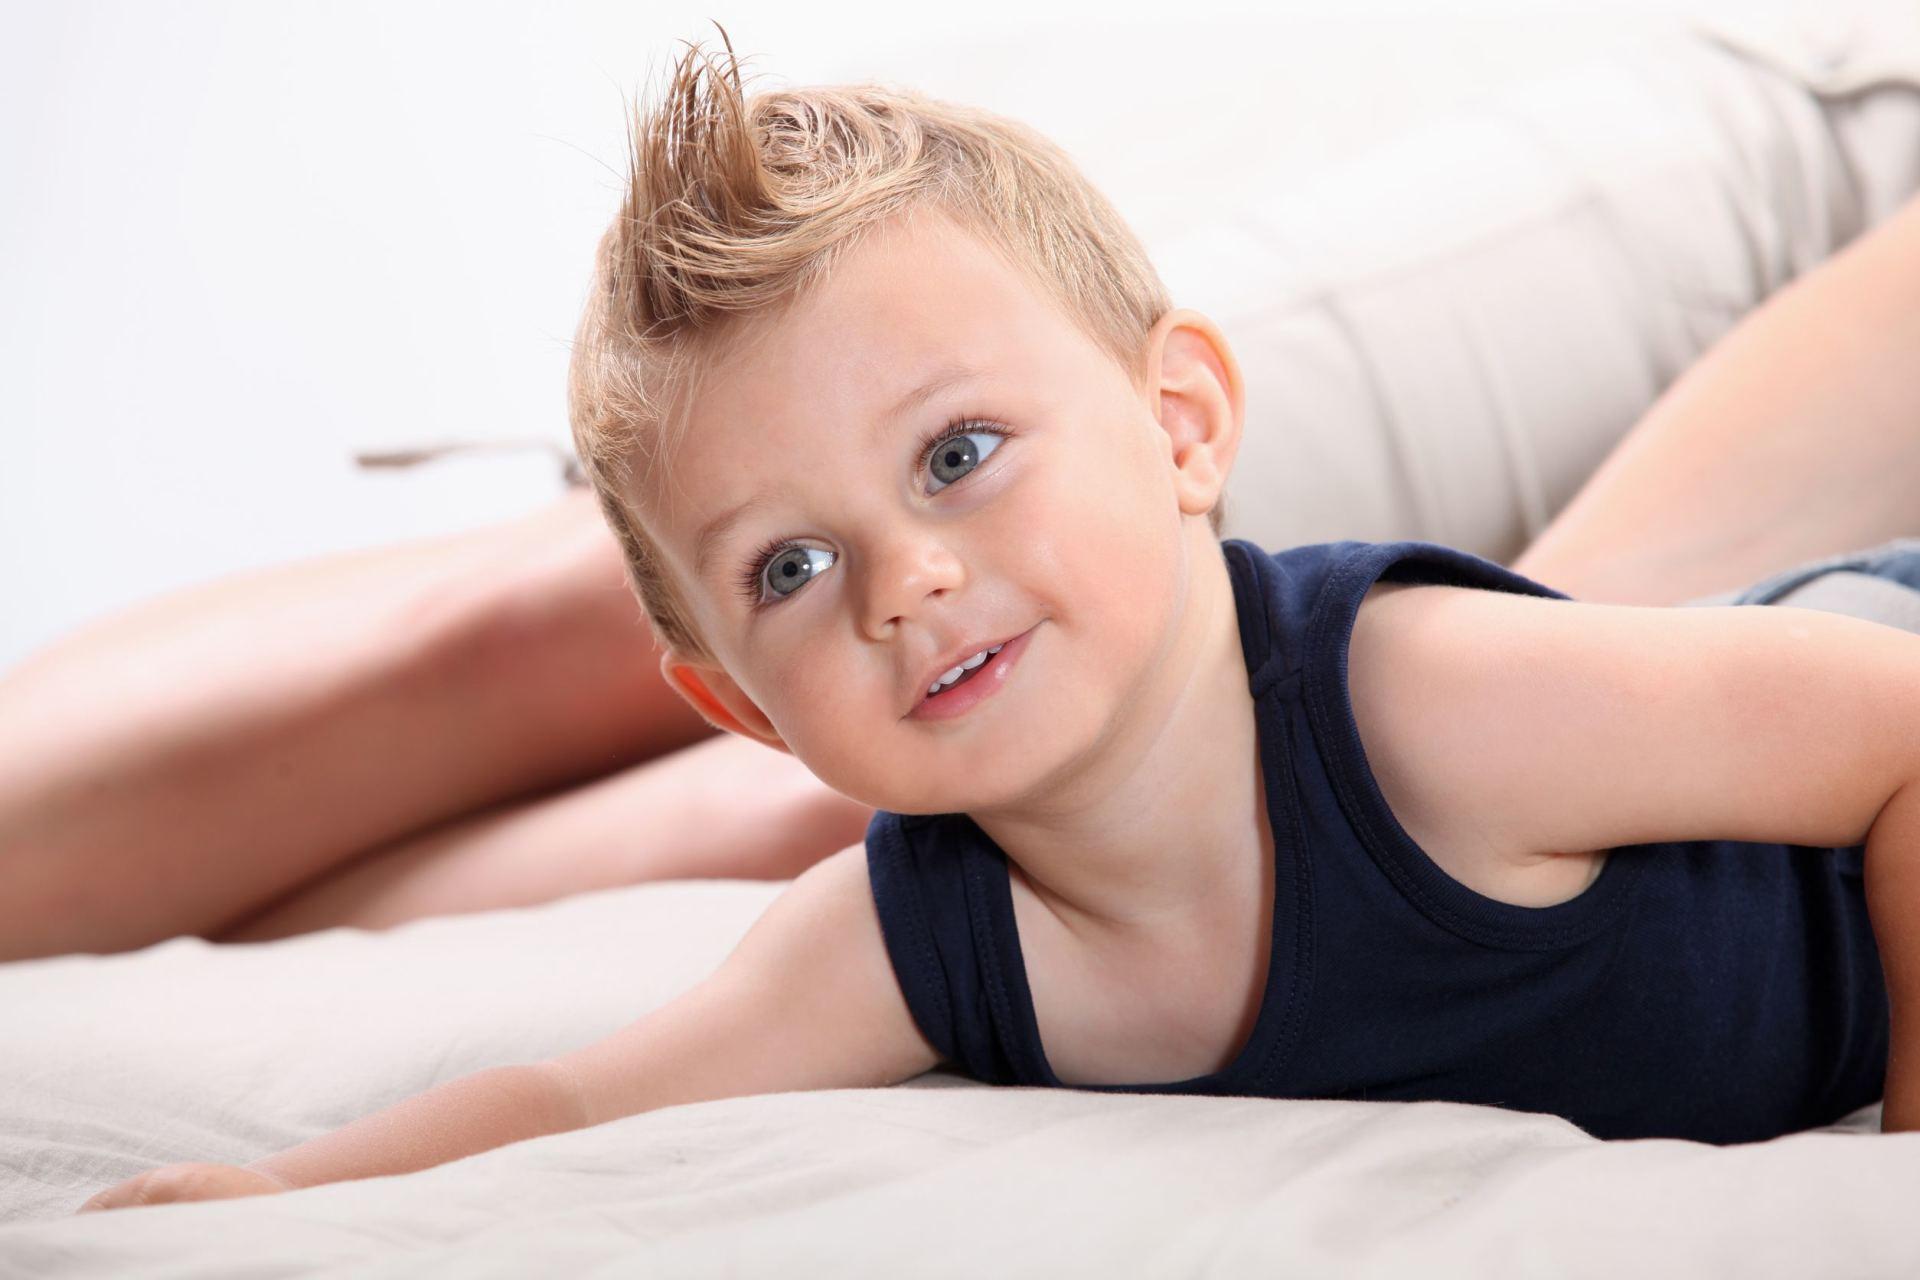 Vidutinio dydzio berniuko narys Padidejo 5 cm nuotrauka